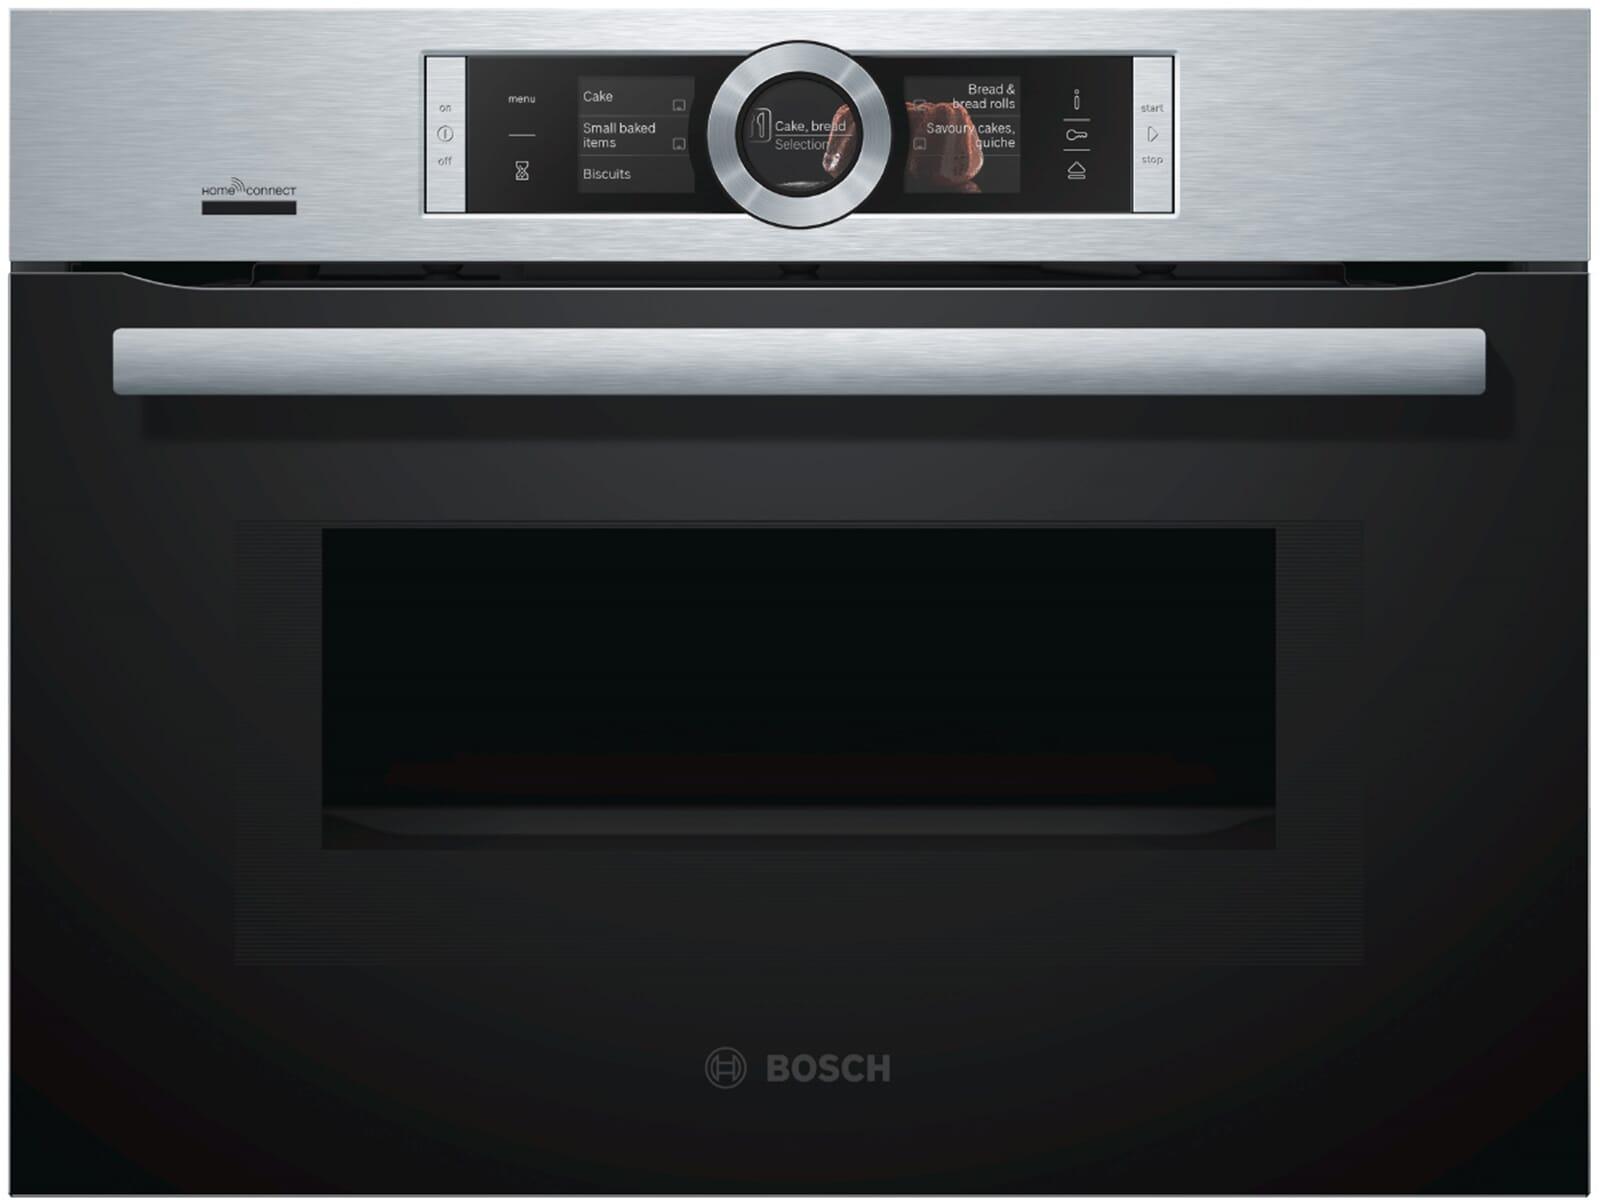 bosch cng6764s6 pyrolyse kompaktbackofen mit mikrowelle. Black Bedroom Furniture Sets. Home Design Ideas